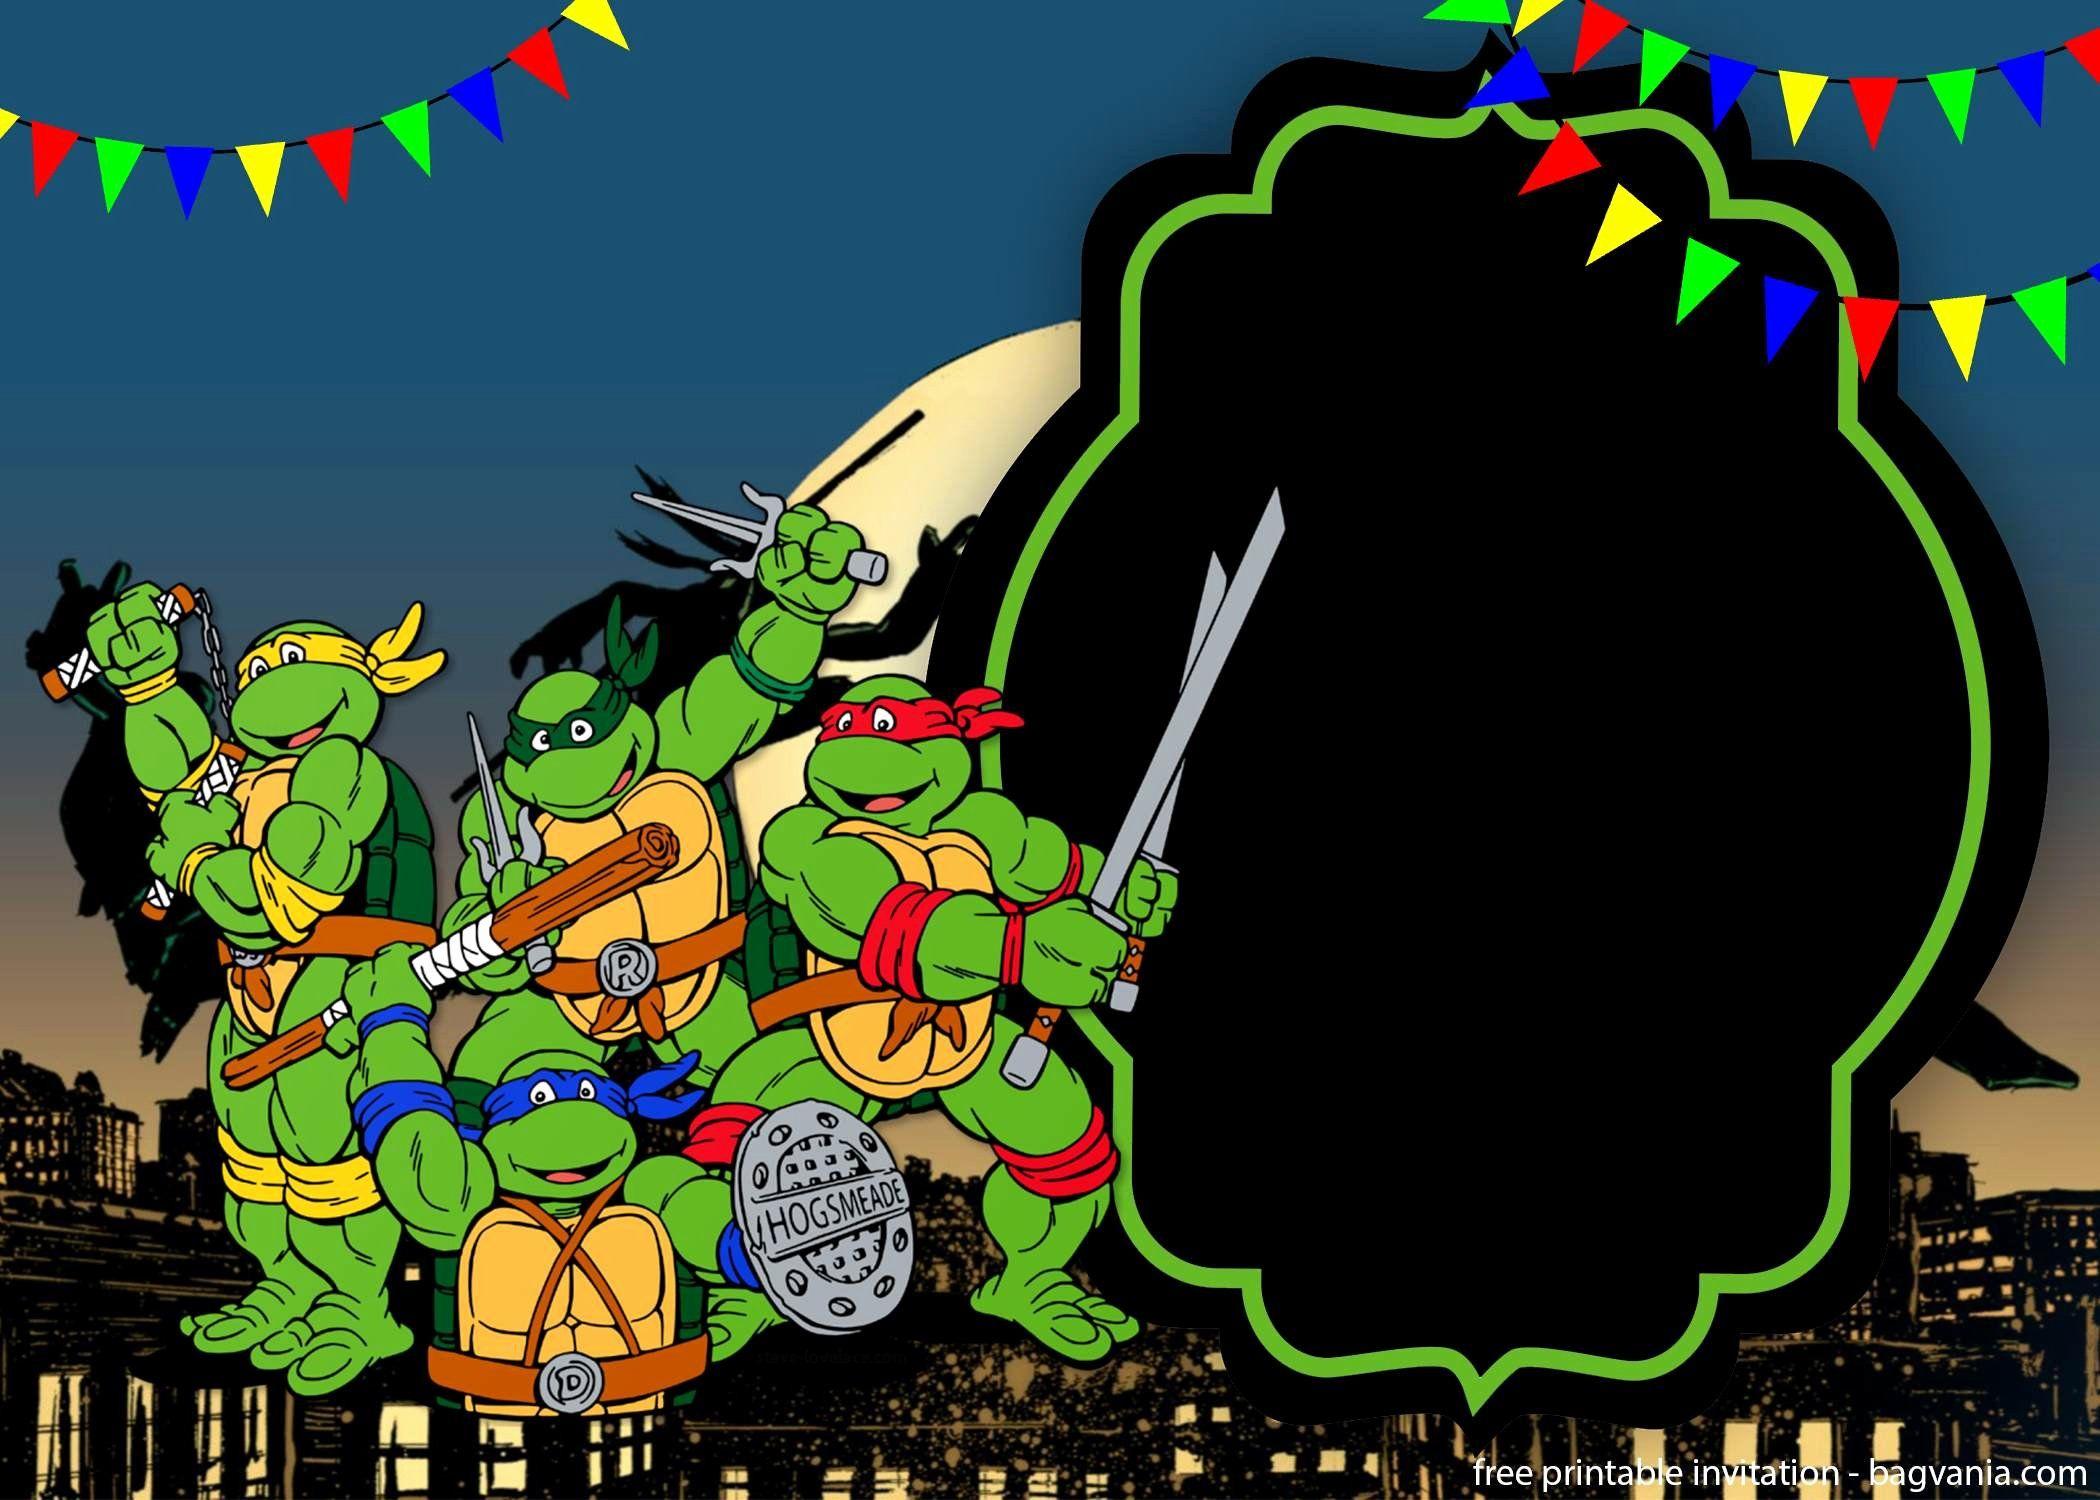 Ninja Turtles Birthday Invitation Template Fresh Teenage Mutant Ninja Turtles Invita Ninja Turtle Invitations Turtle Birthday Invitations Ninja Turtle Birthday